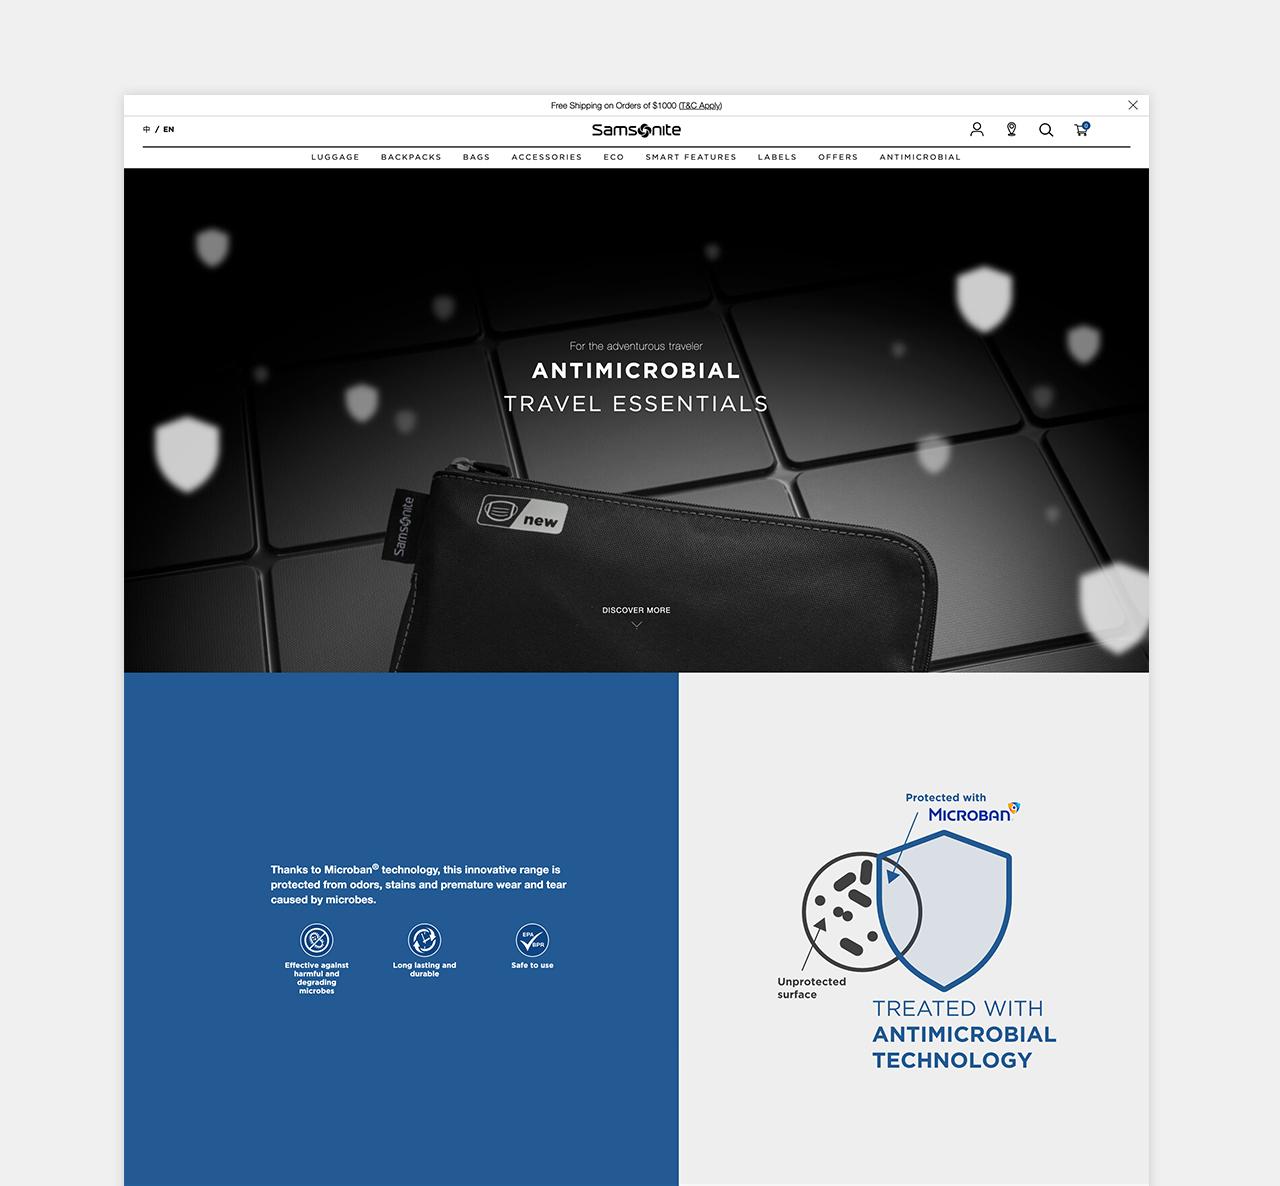 Samsonite Antimicrobial Website